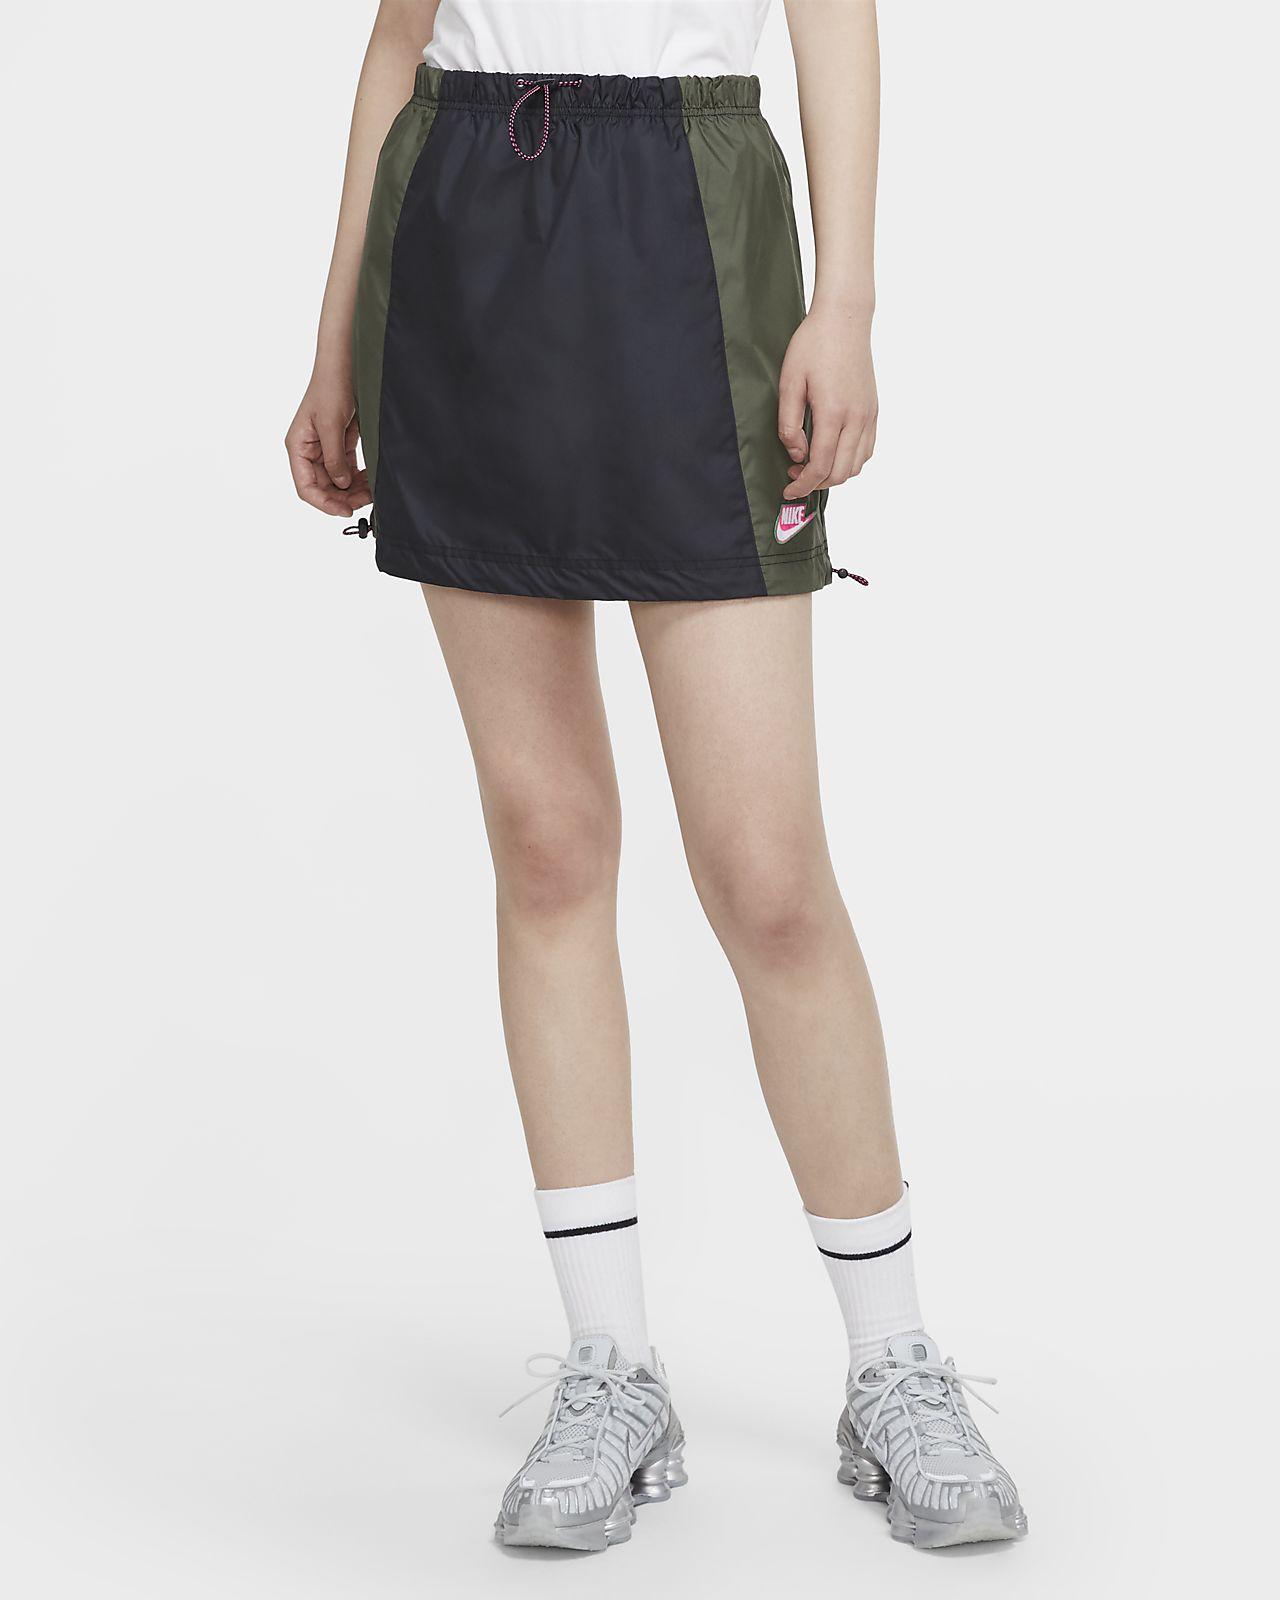 Nike Sportswear Women's Woven Skirt